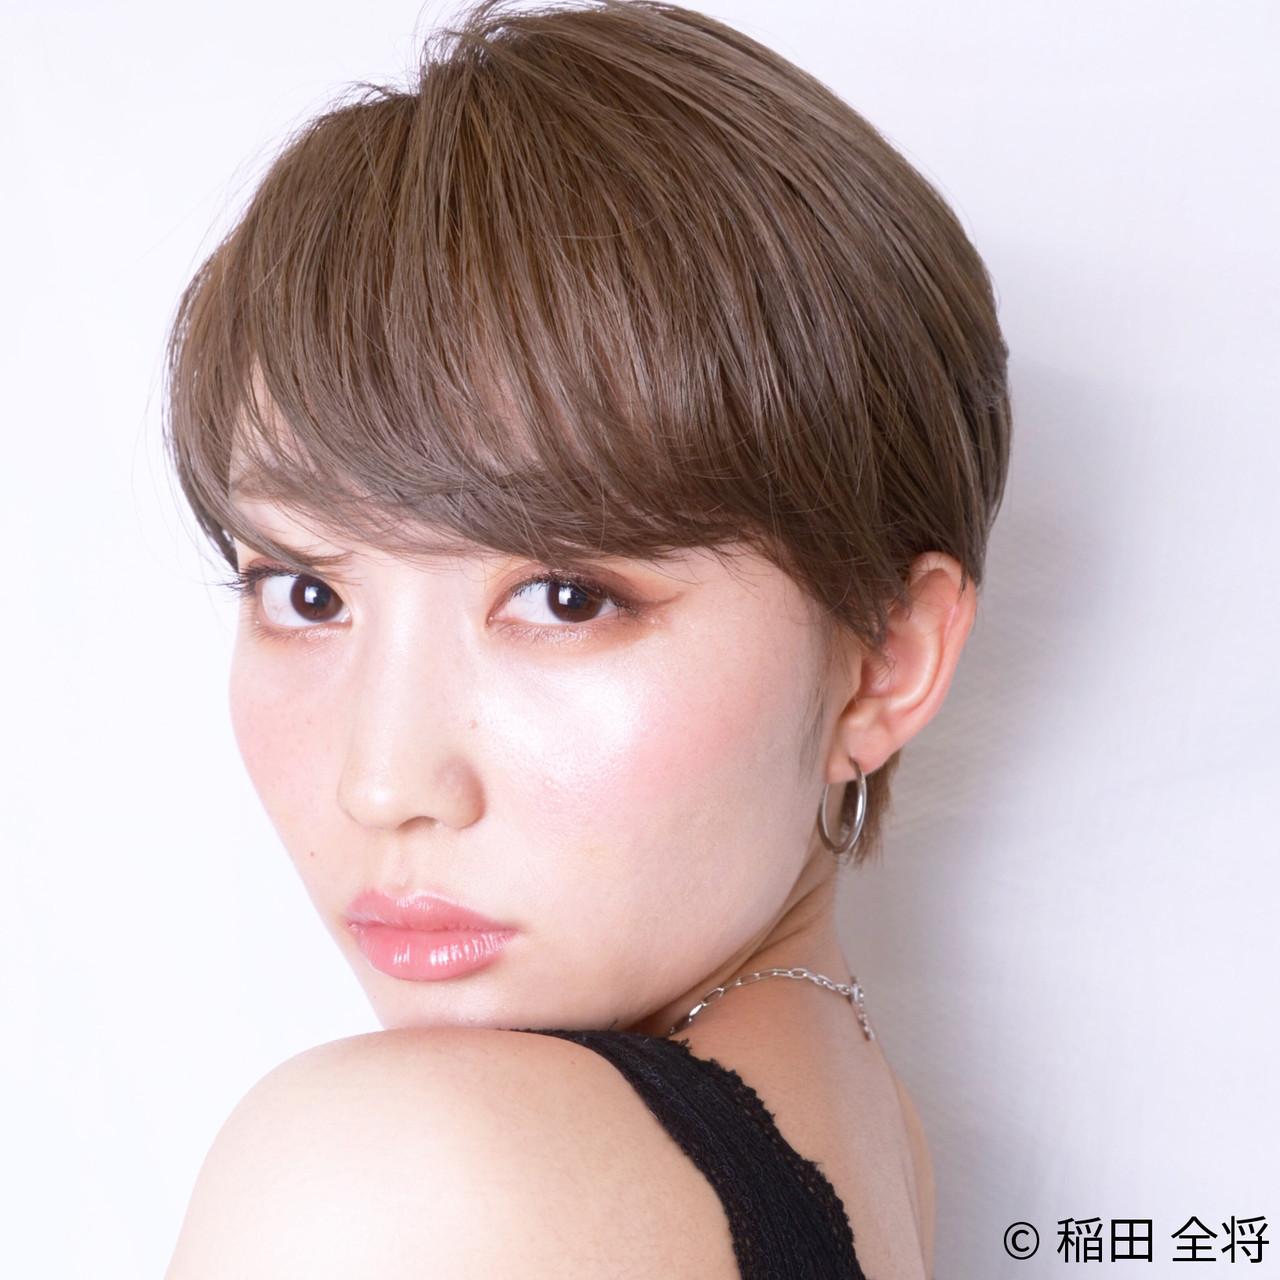 ナチュラル可愛い 艶グレーベージュ ショート 艶髪 ヘアスタイルや髪型の写真・画像